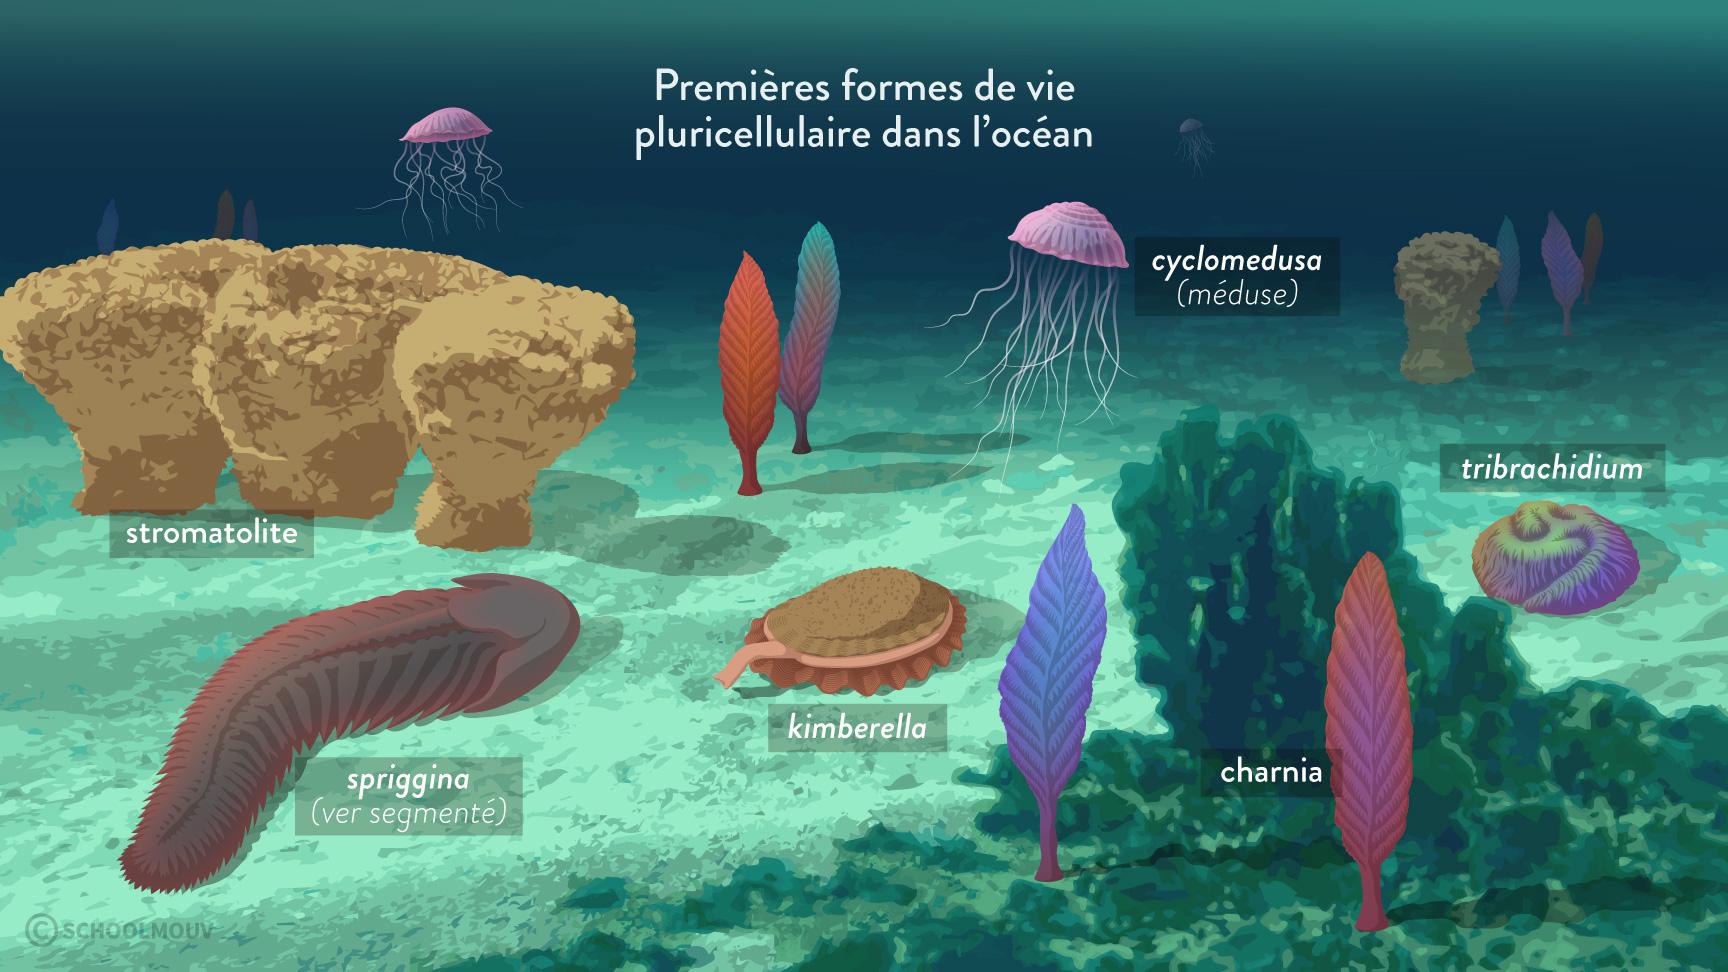 Premières formes de vie pluricellulaire dans l'océan-svt-6e-schoolmouv